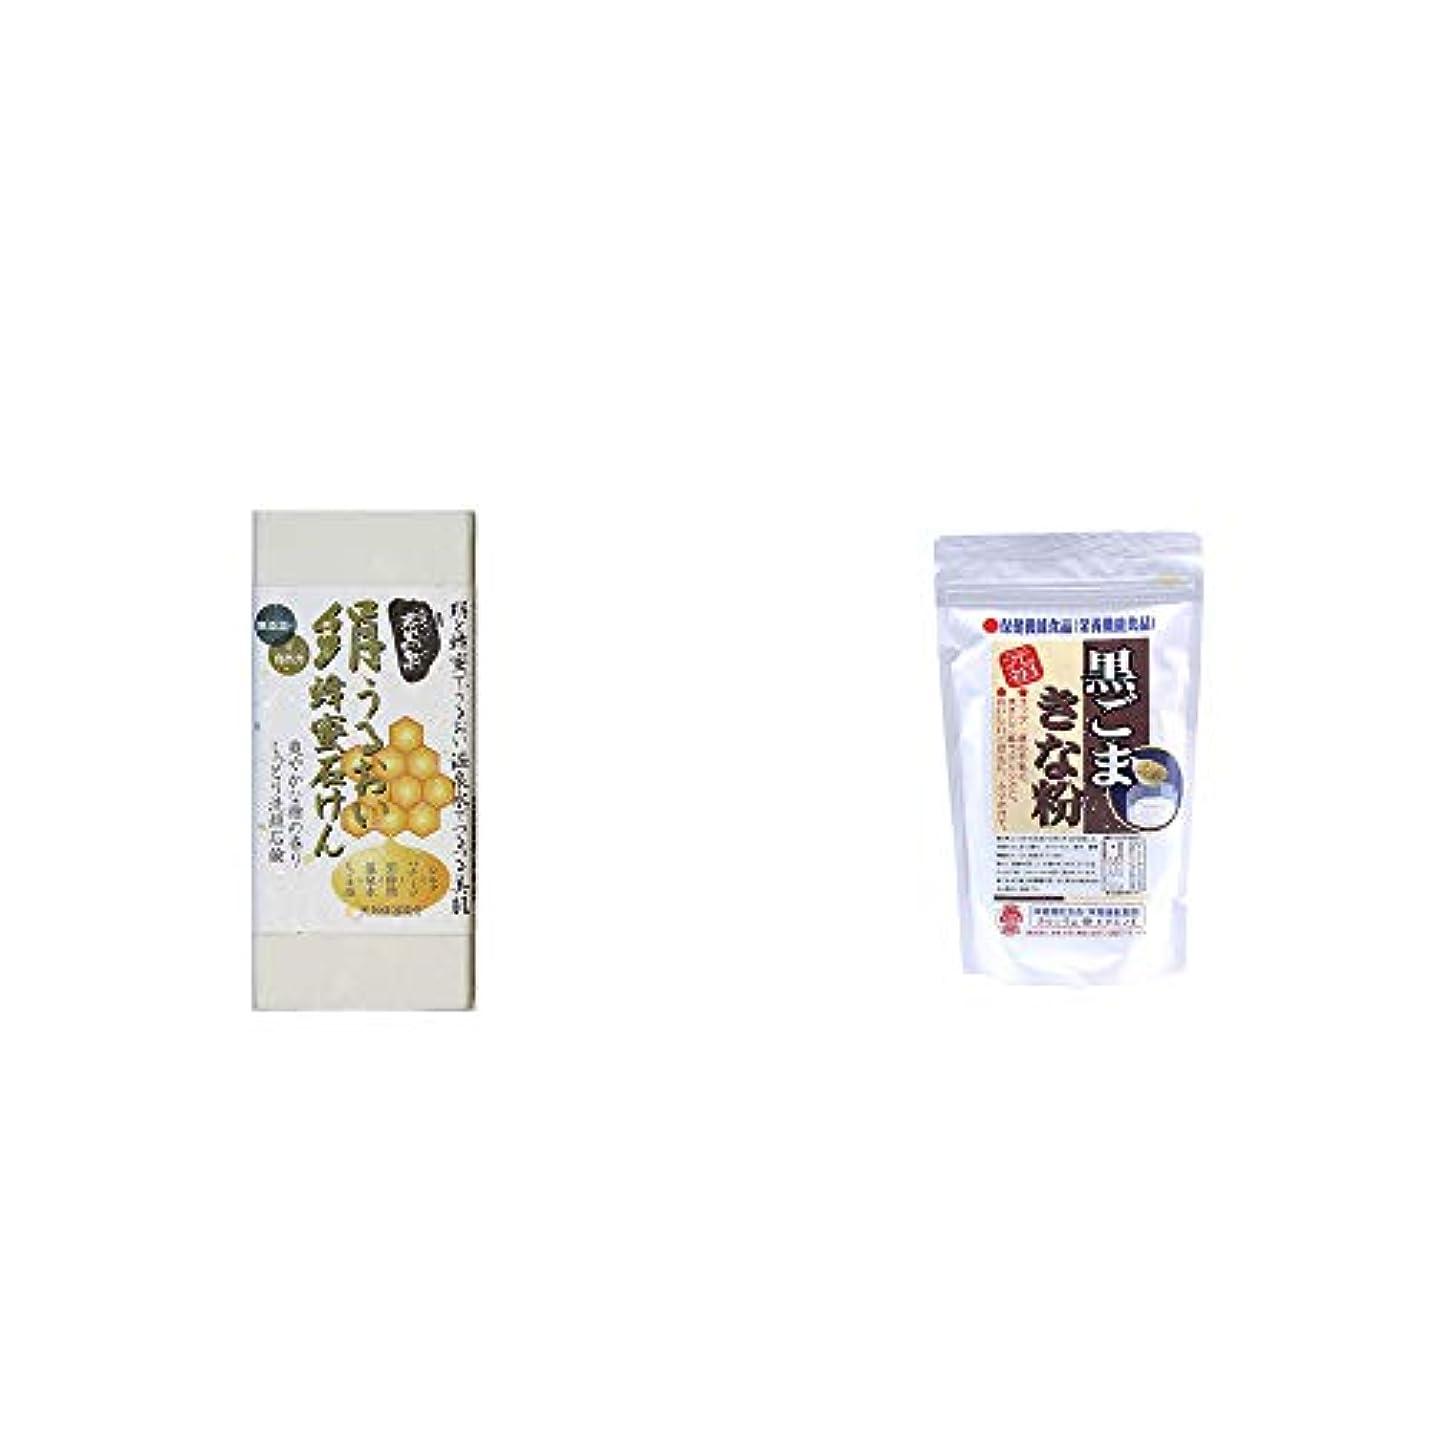 喜んで投げるマージ[2点セット] ひのき炭黒泉 絹うるおい蜂蜜石けん(75g×2)?黒ごまきな粉(270g)